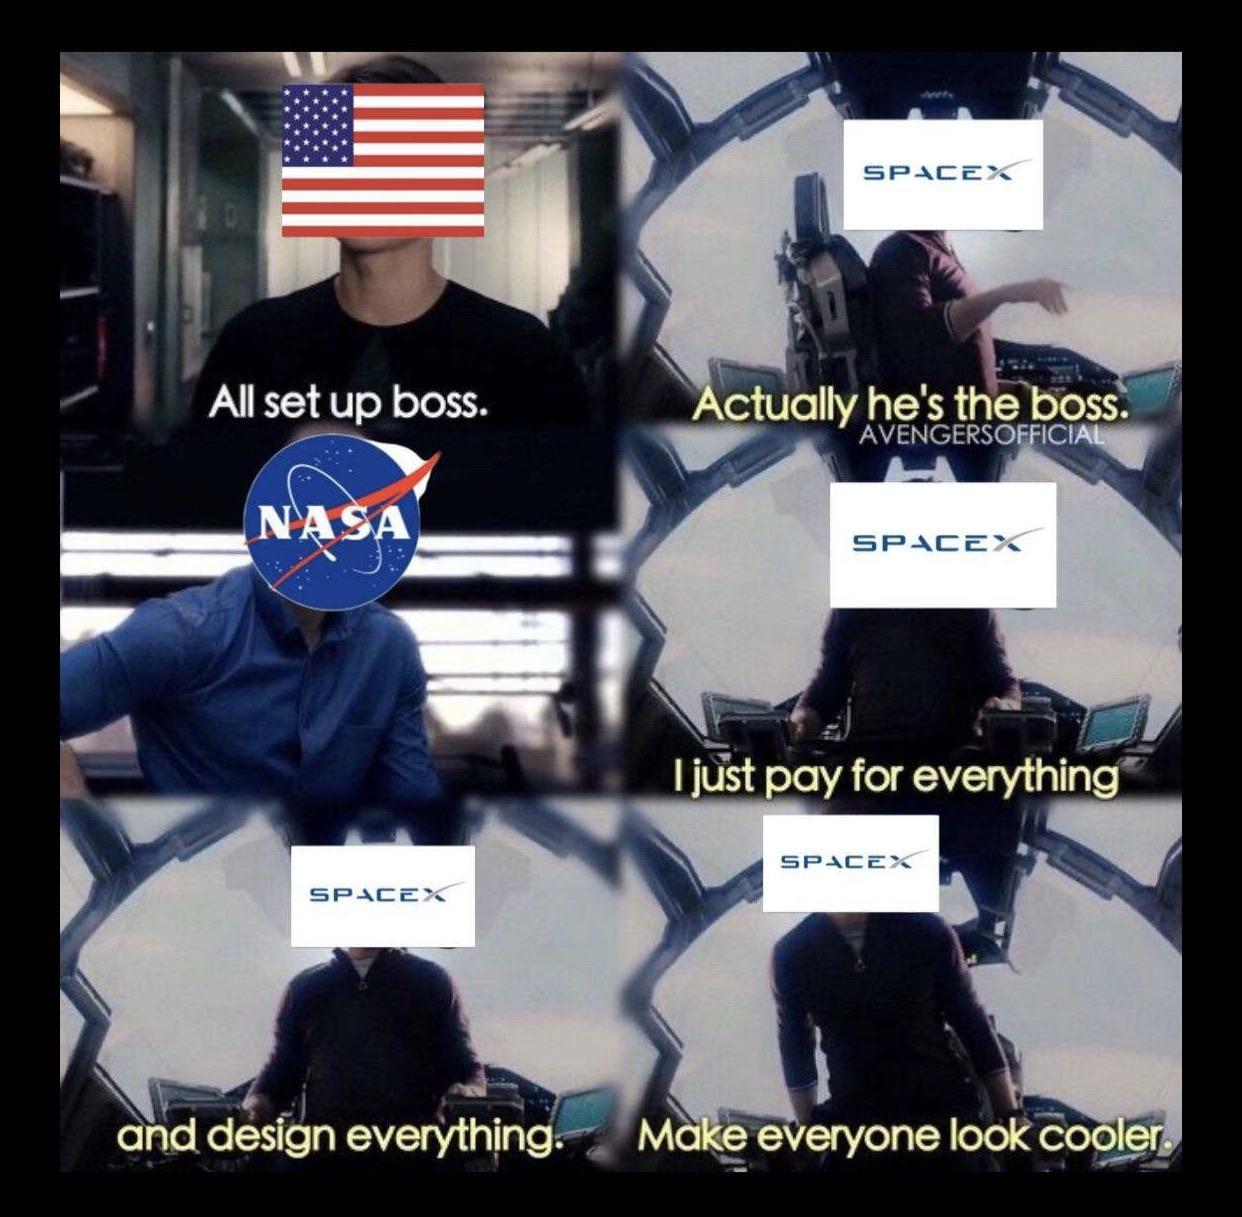 Astronauts assemble!